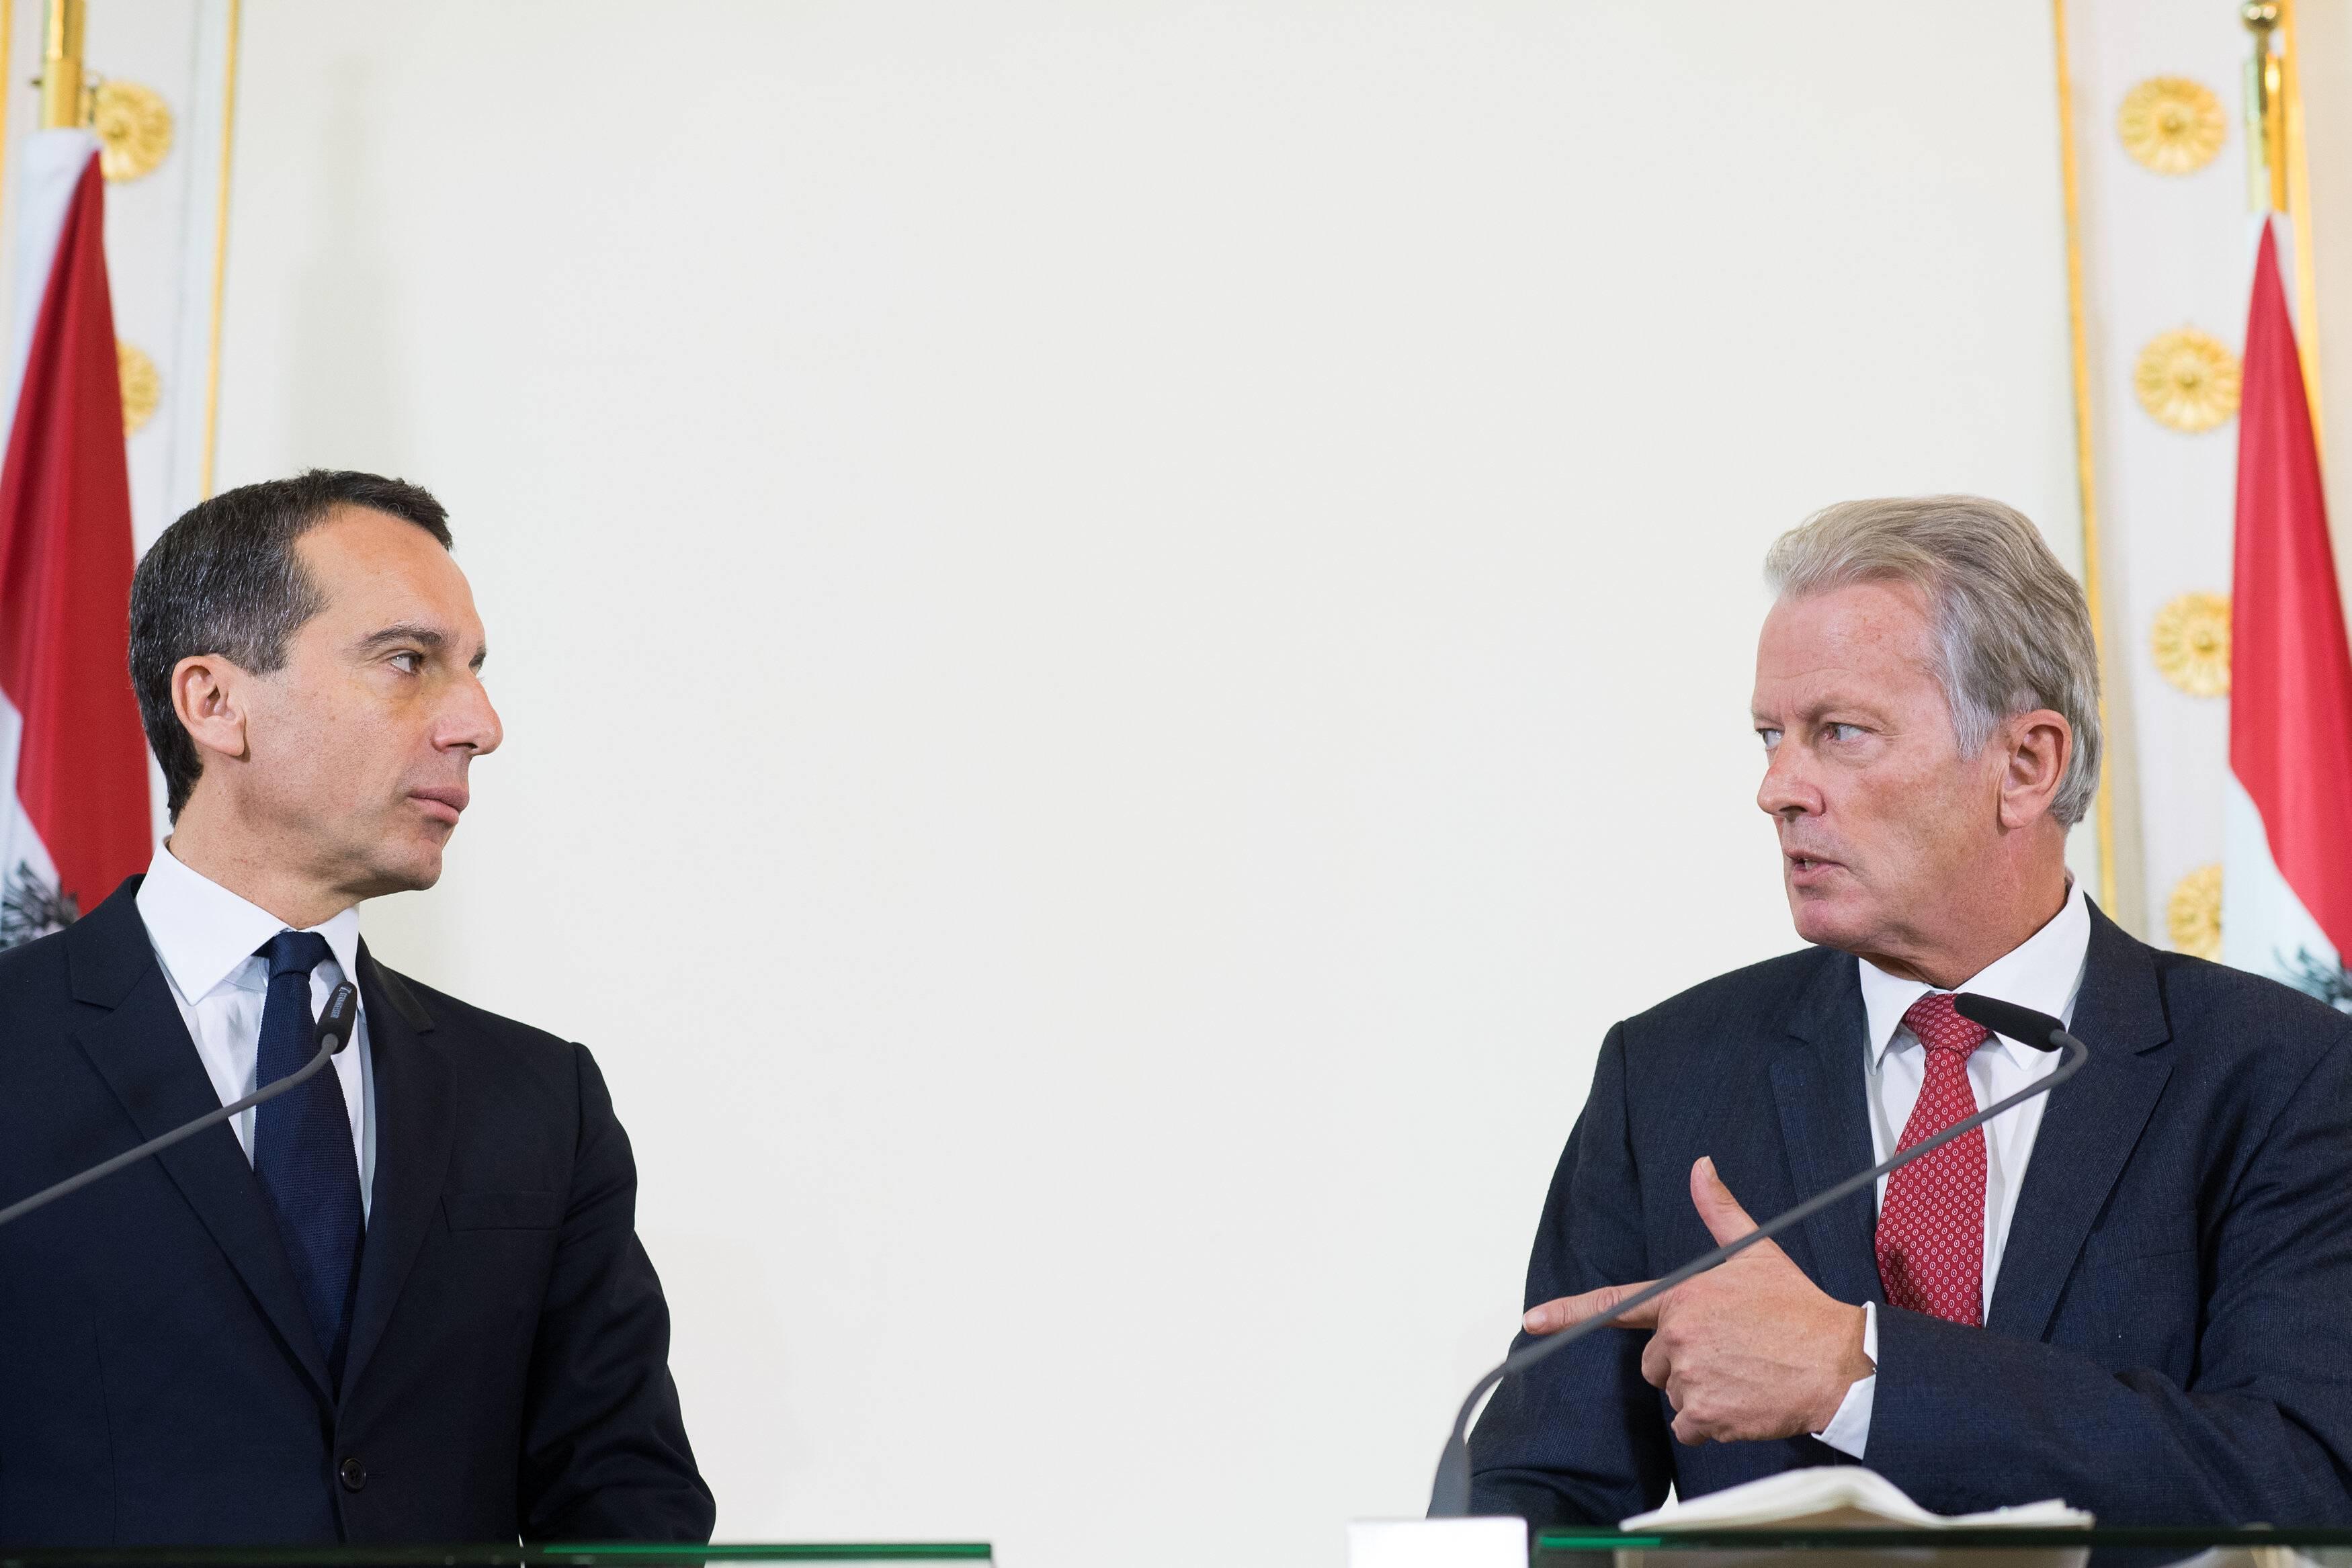 österreich koalition